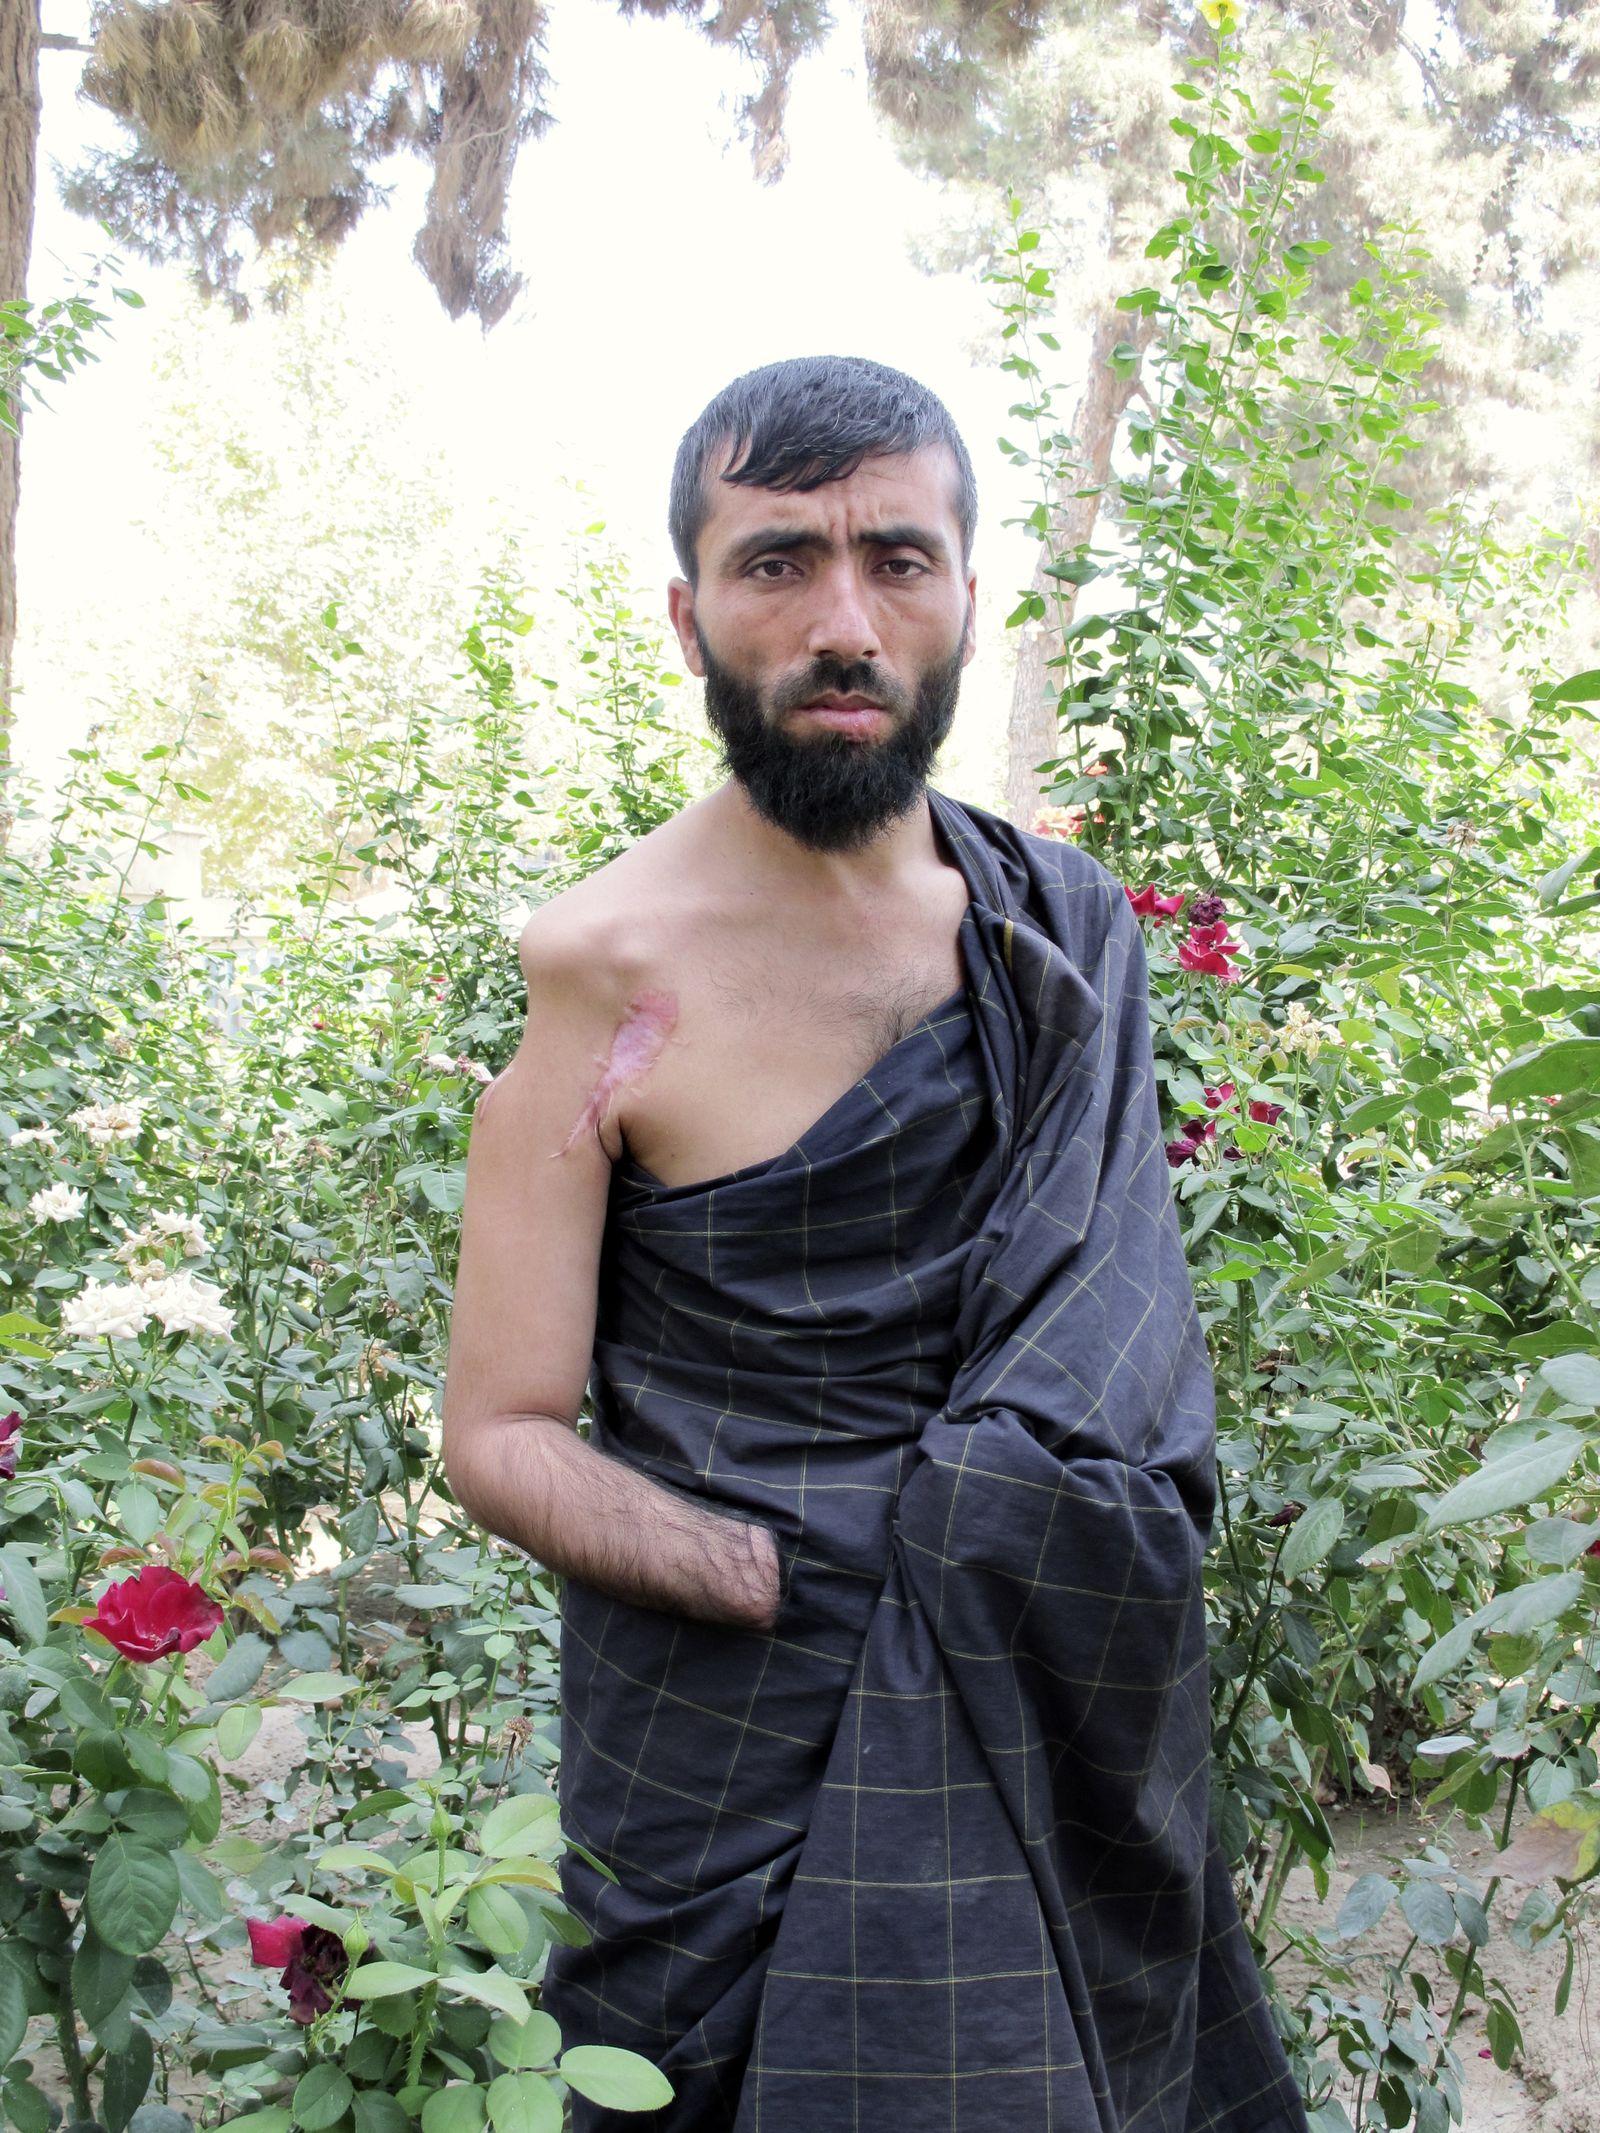 DER SPIEGEL 35/2010, Seite 24 Kunduz-Opfer Nur Jan Afghanistan